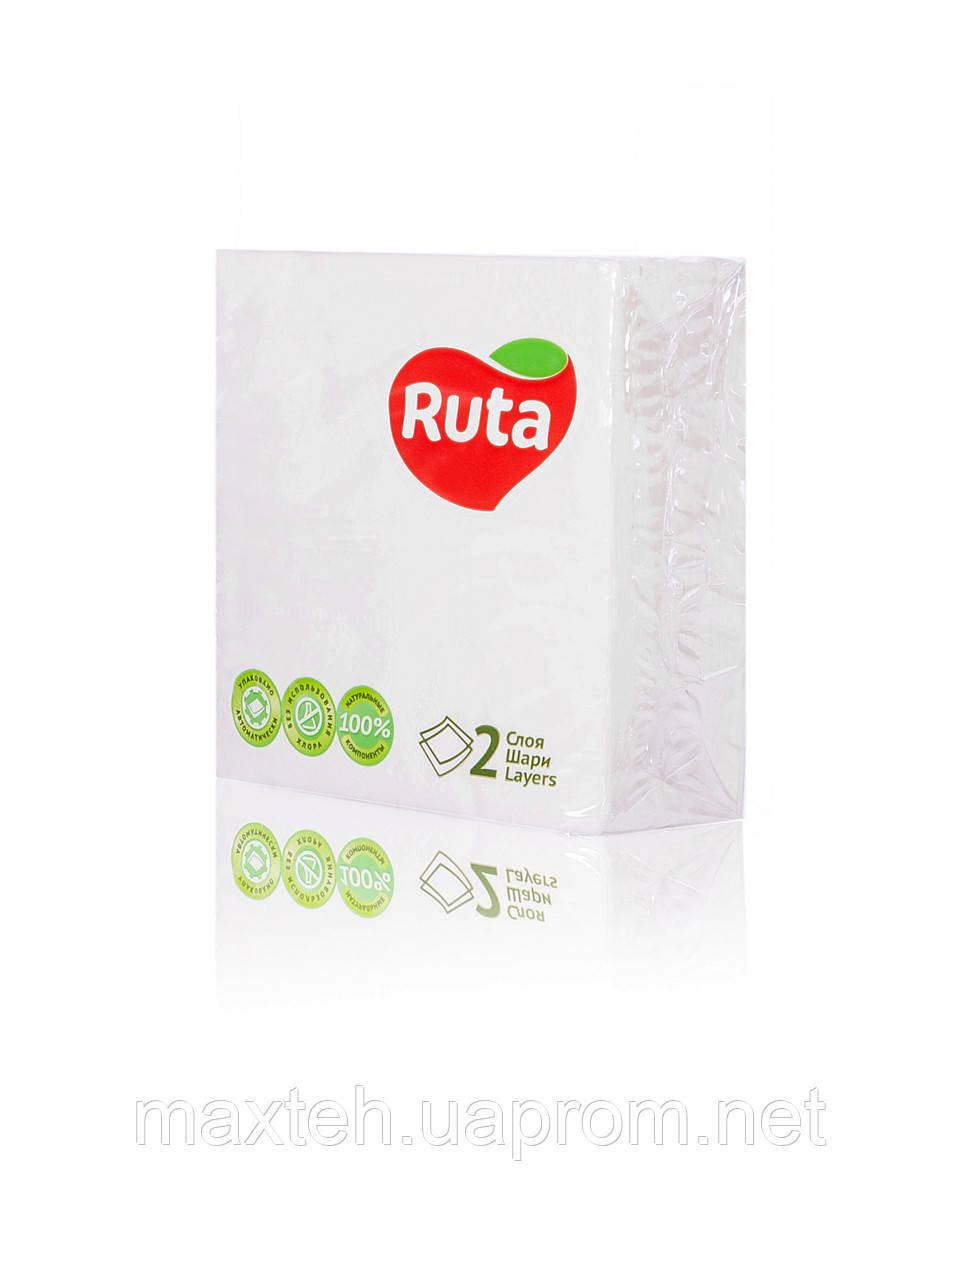 Салфетки RUTA Double Luxe 40 листов двухслойные 24х24 белые